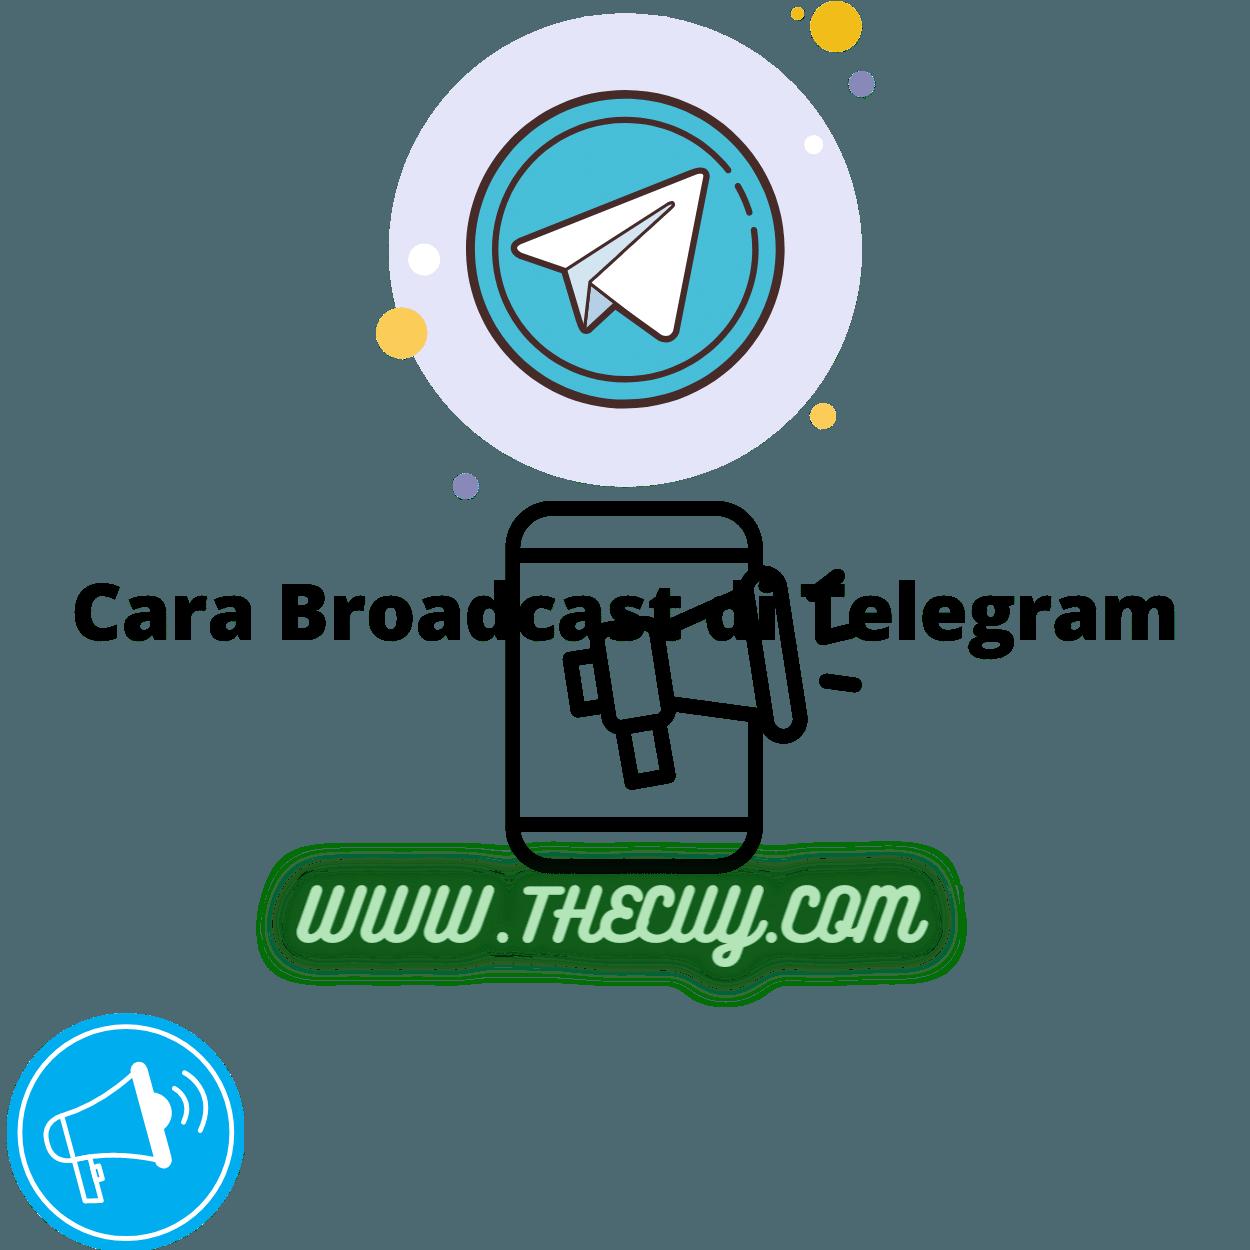 Cara Broadcast di Telegram